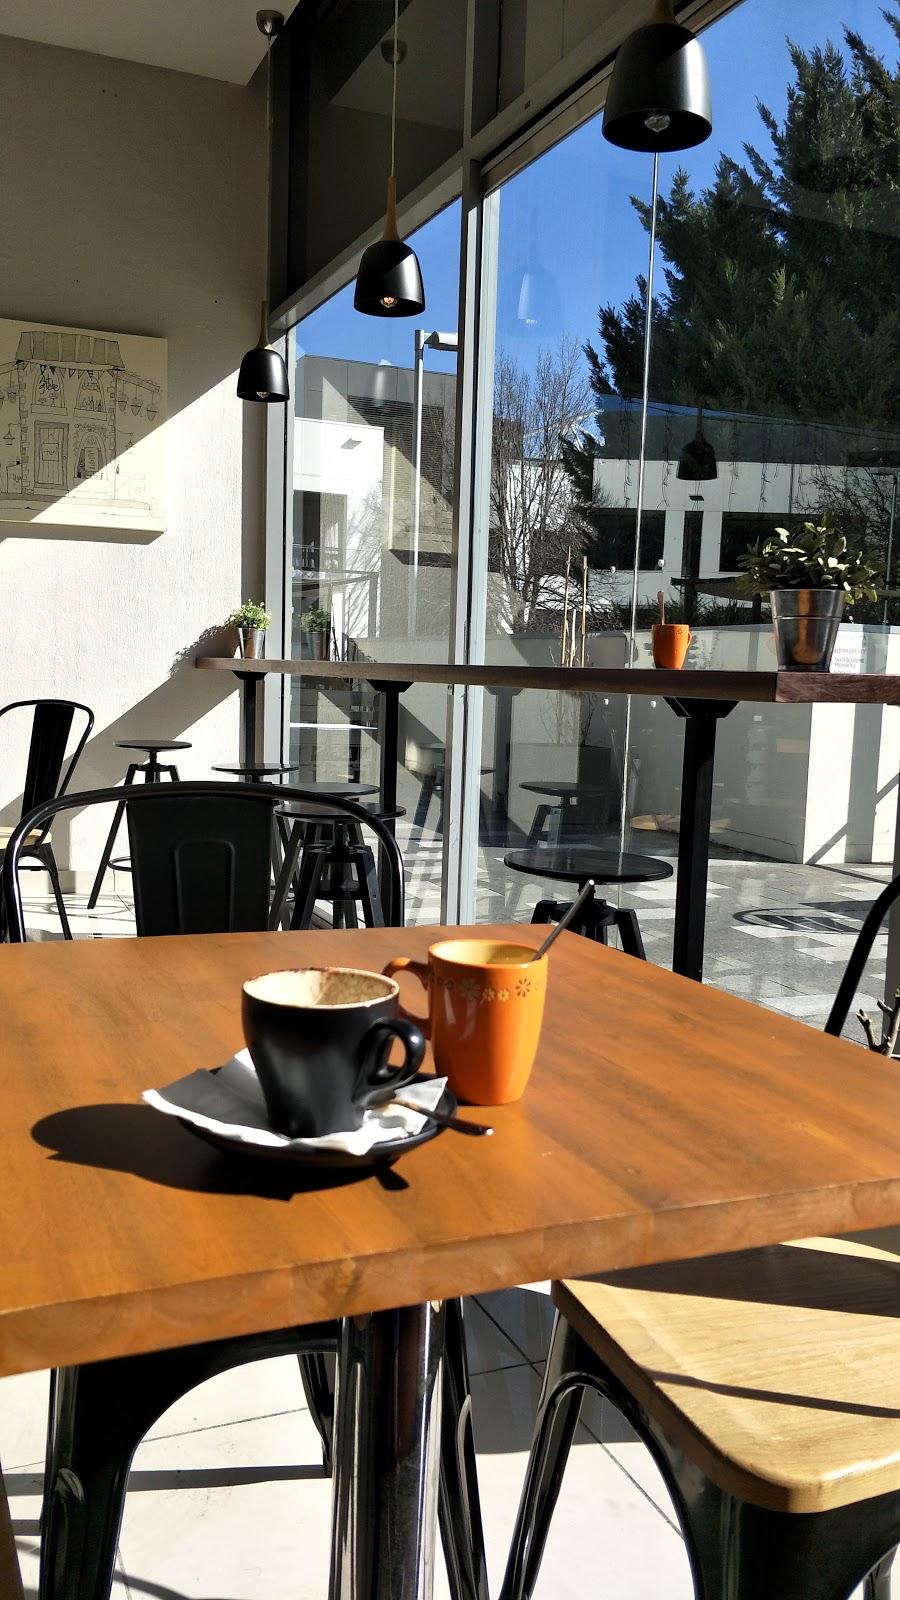 At Glebe Cafe | cafe | 185/15 Coranderrk St, Canberra ACT 2601, Australia